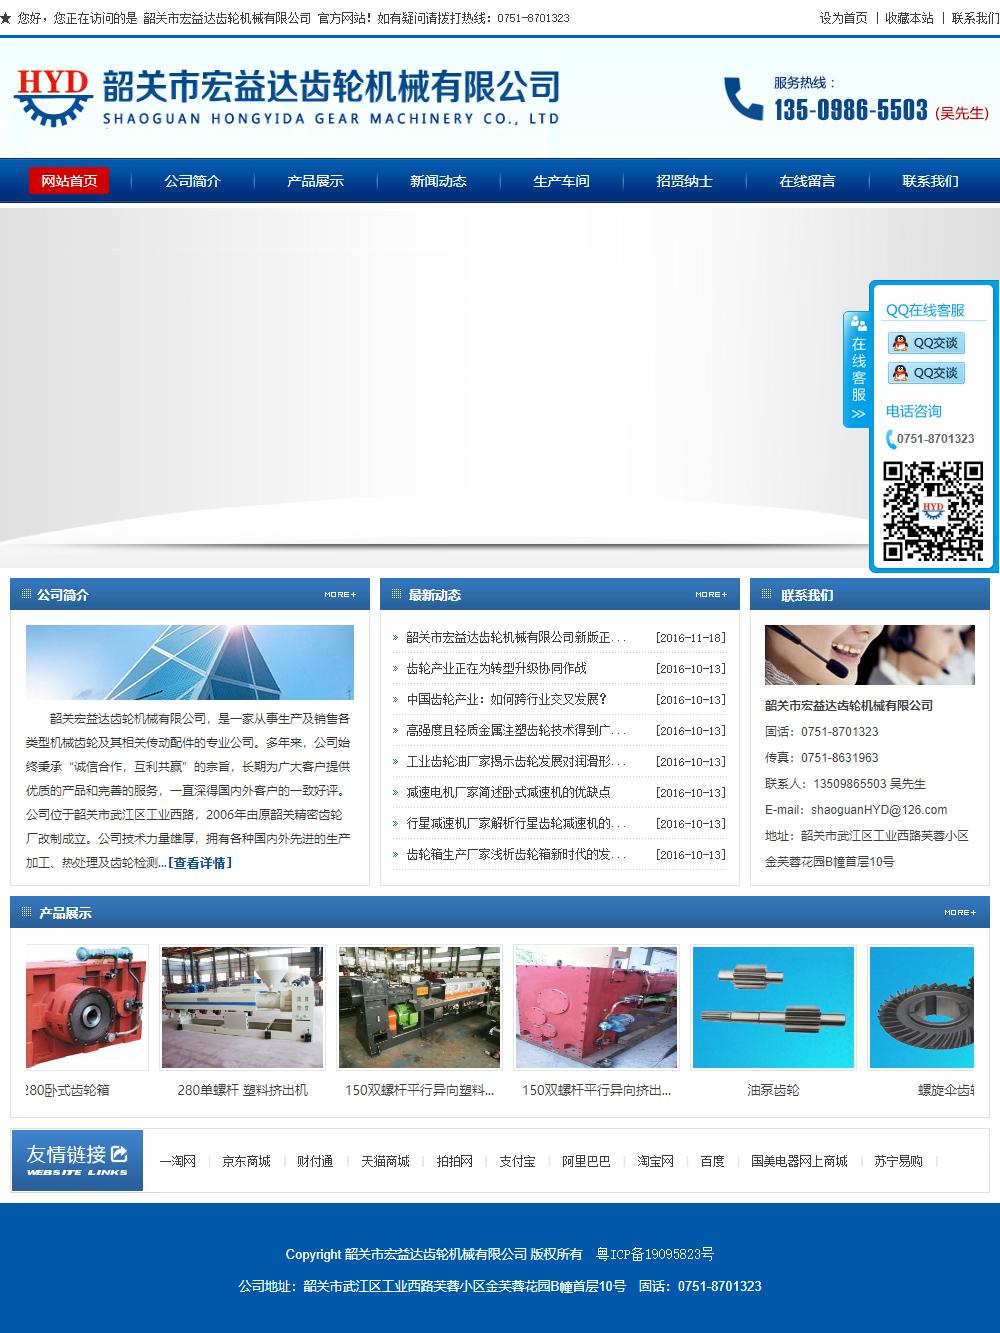 韶关市宏益达齿轮机械有限公司网站案例